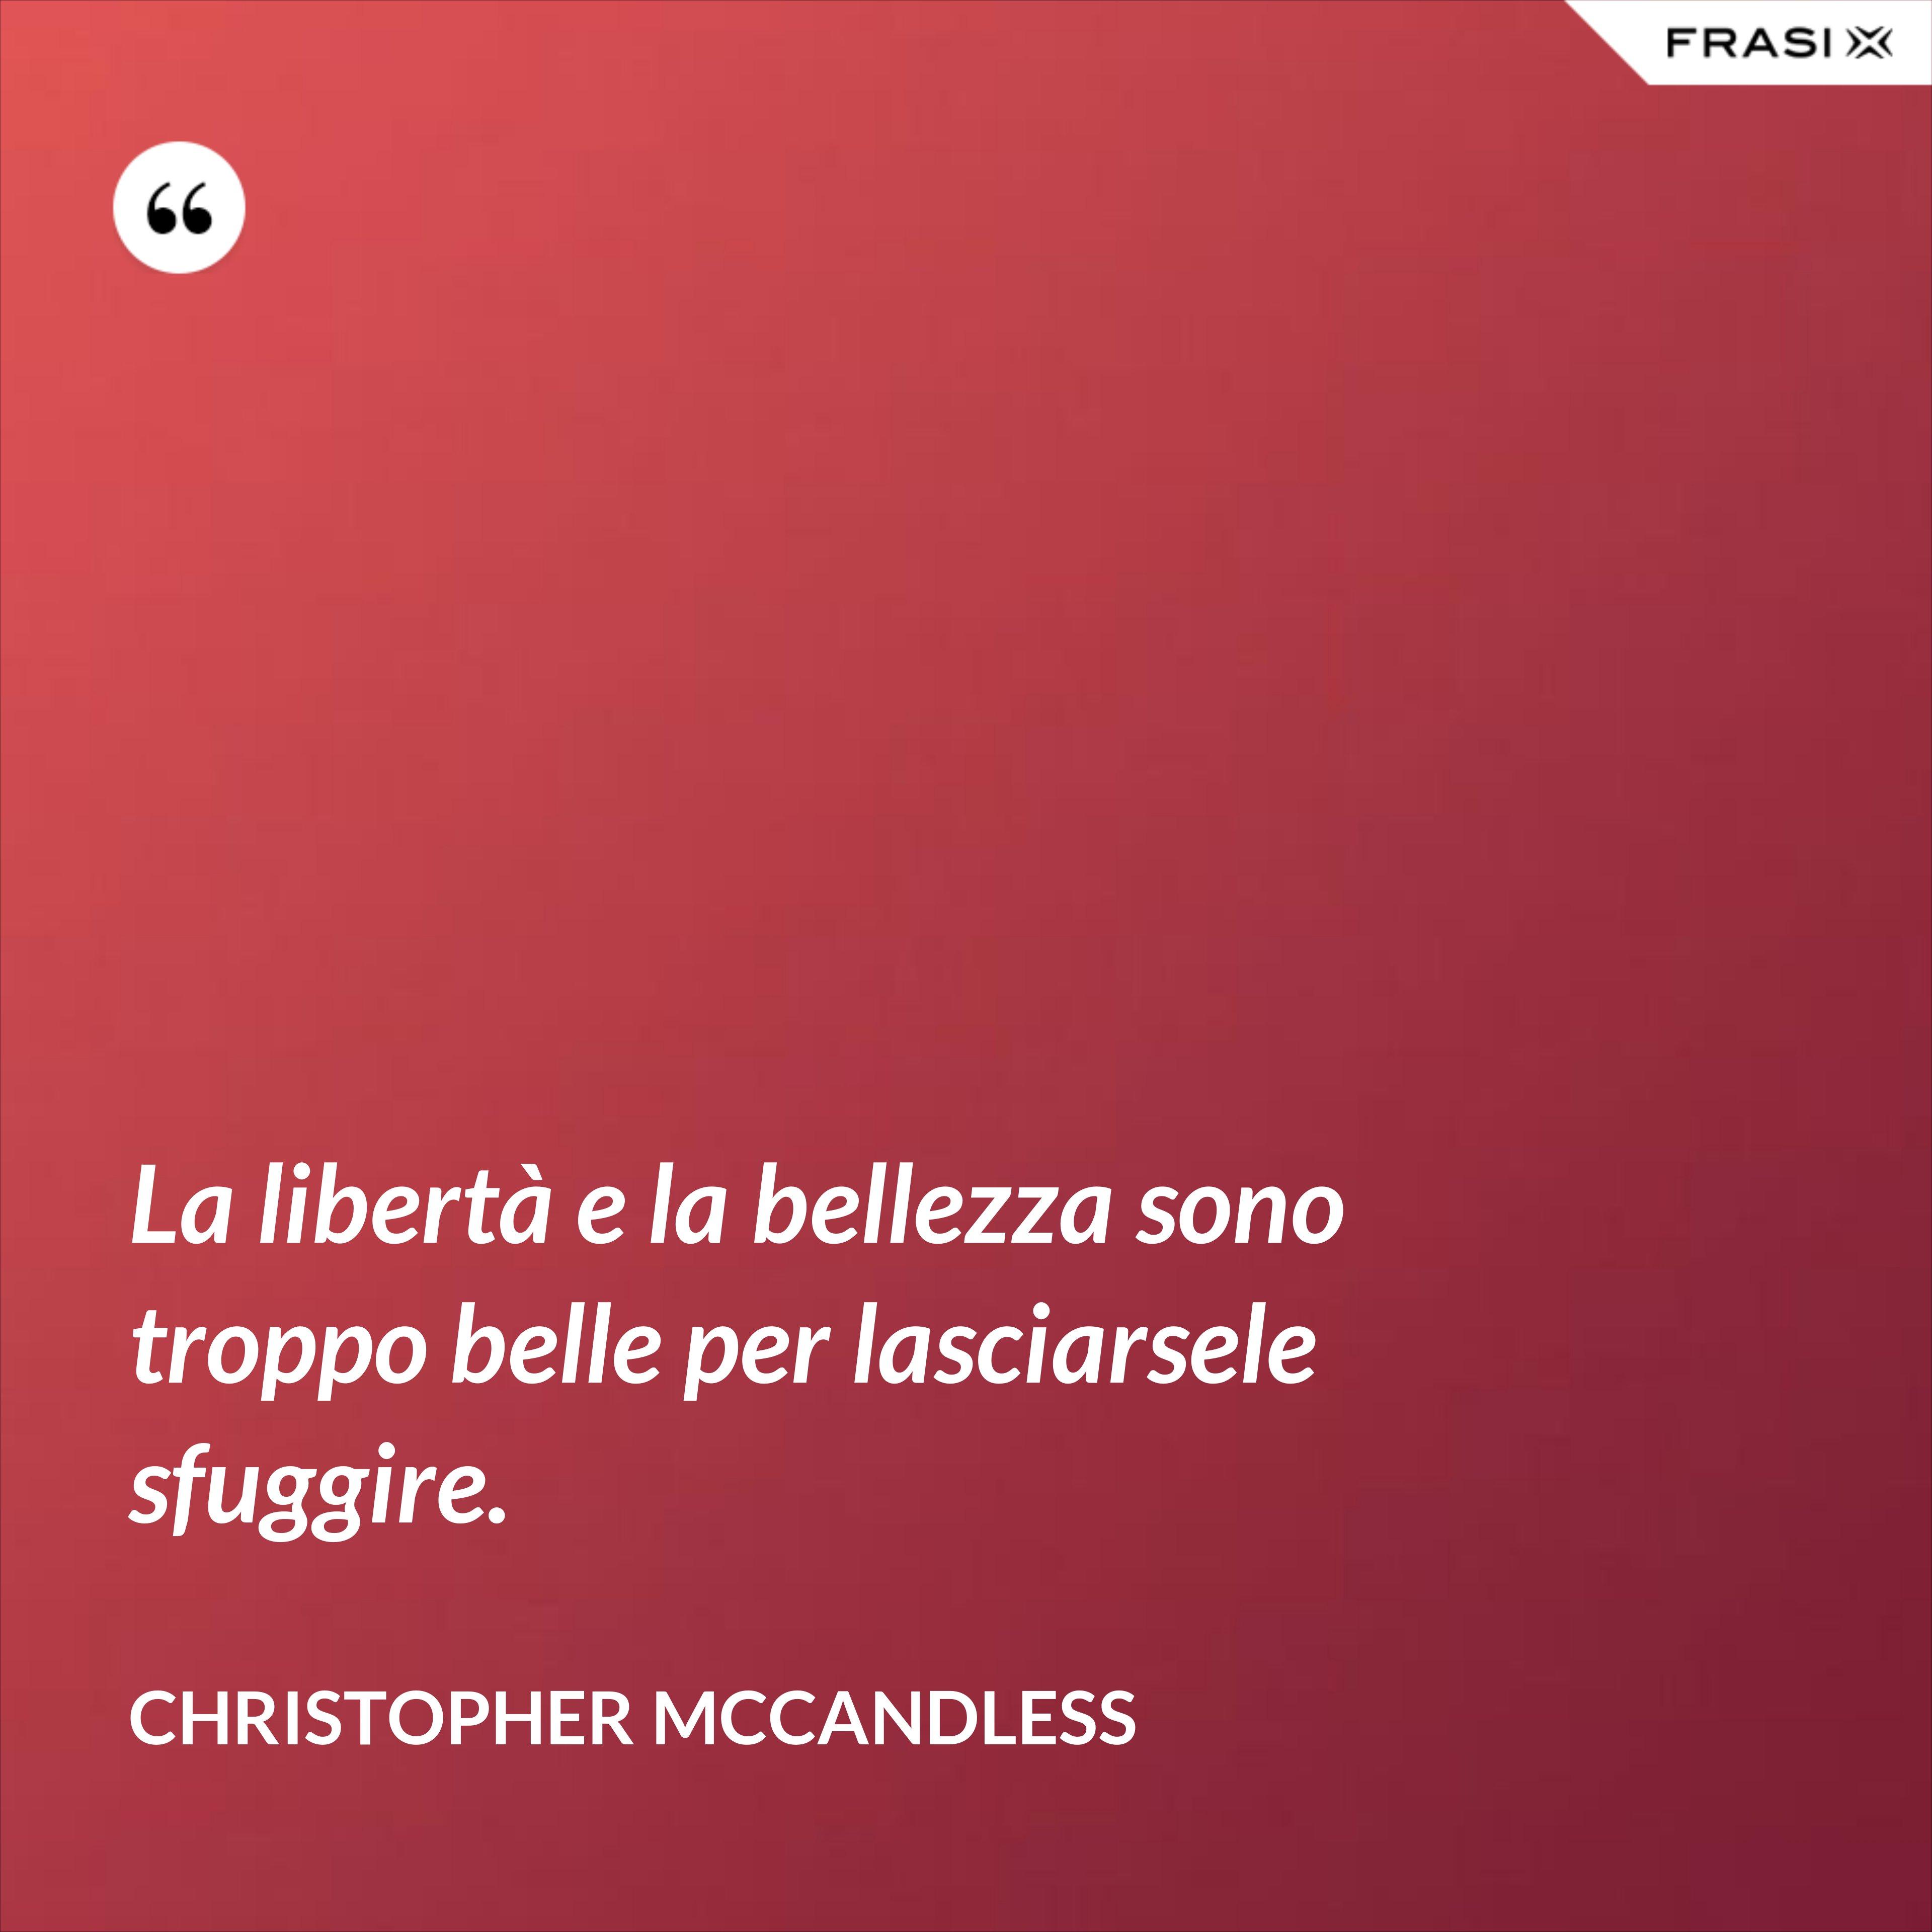 La libertà e la bellezza sono troppo belle per lasciarsele sfuggire. - Christopher McCandless